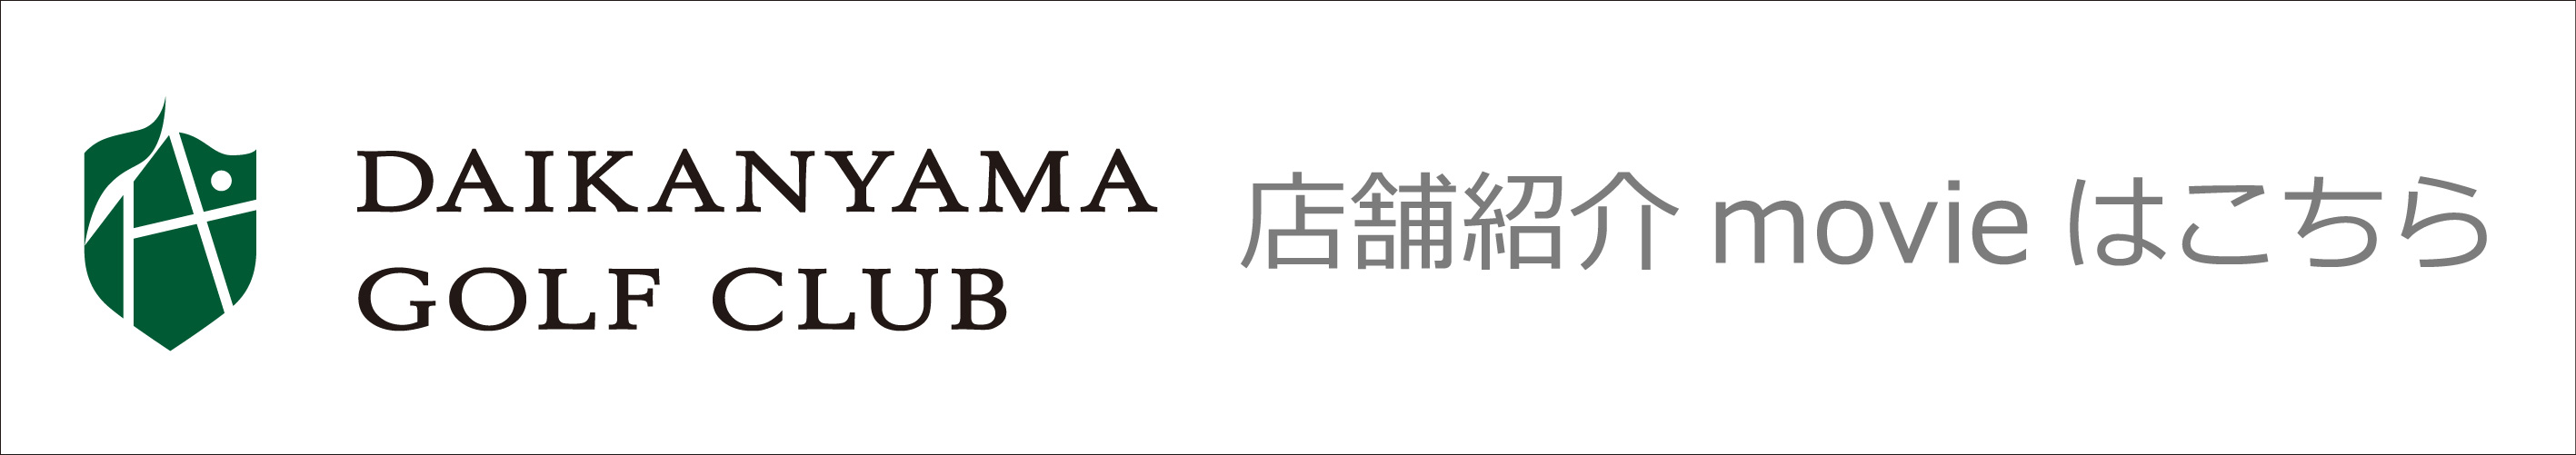 店舗紹介 movie 公開中